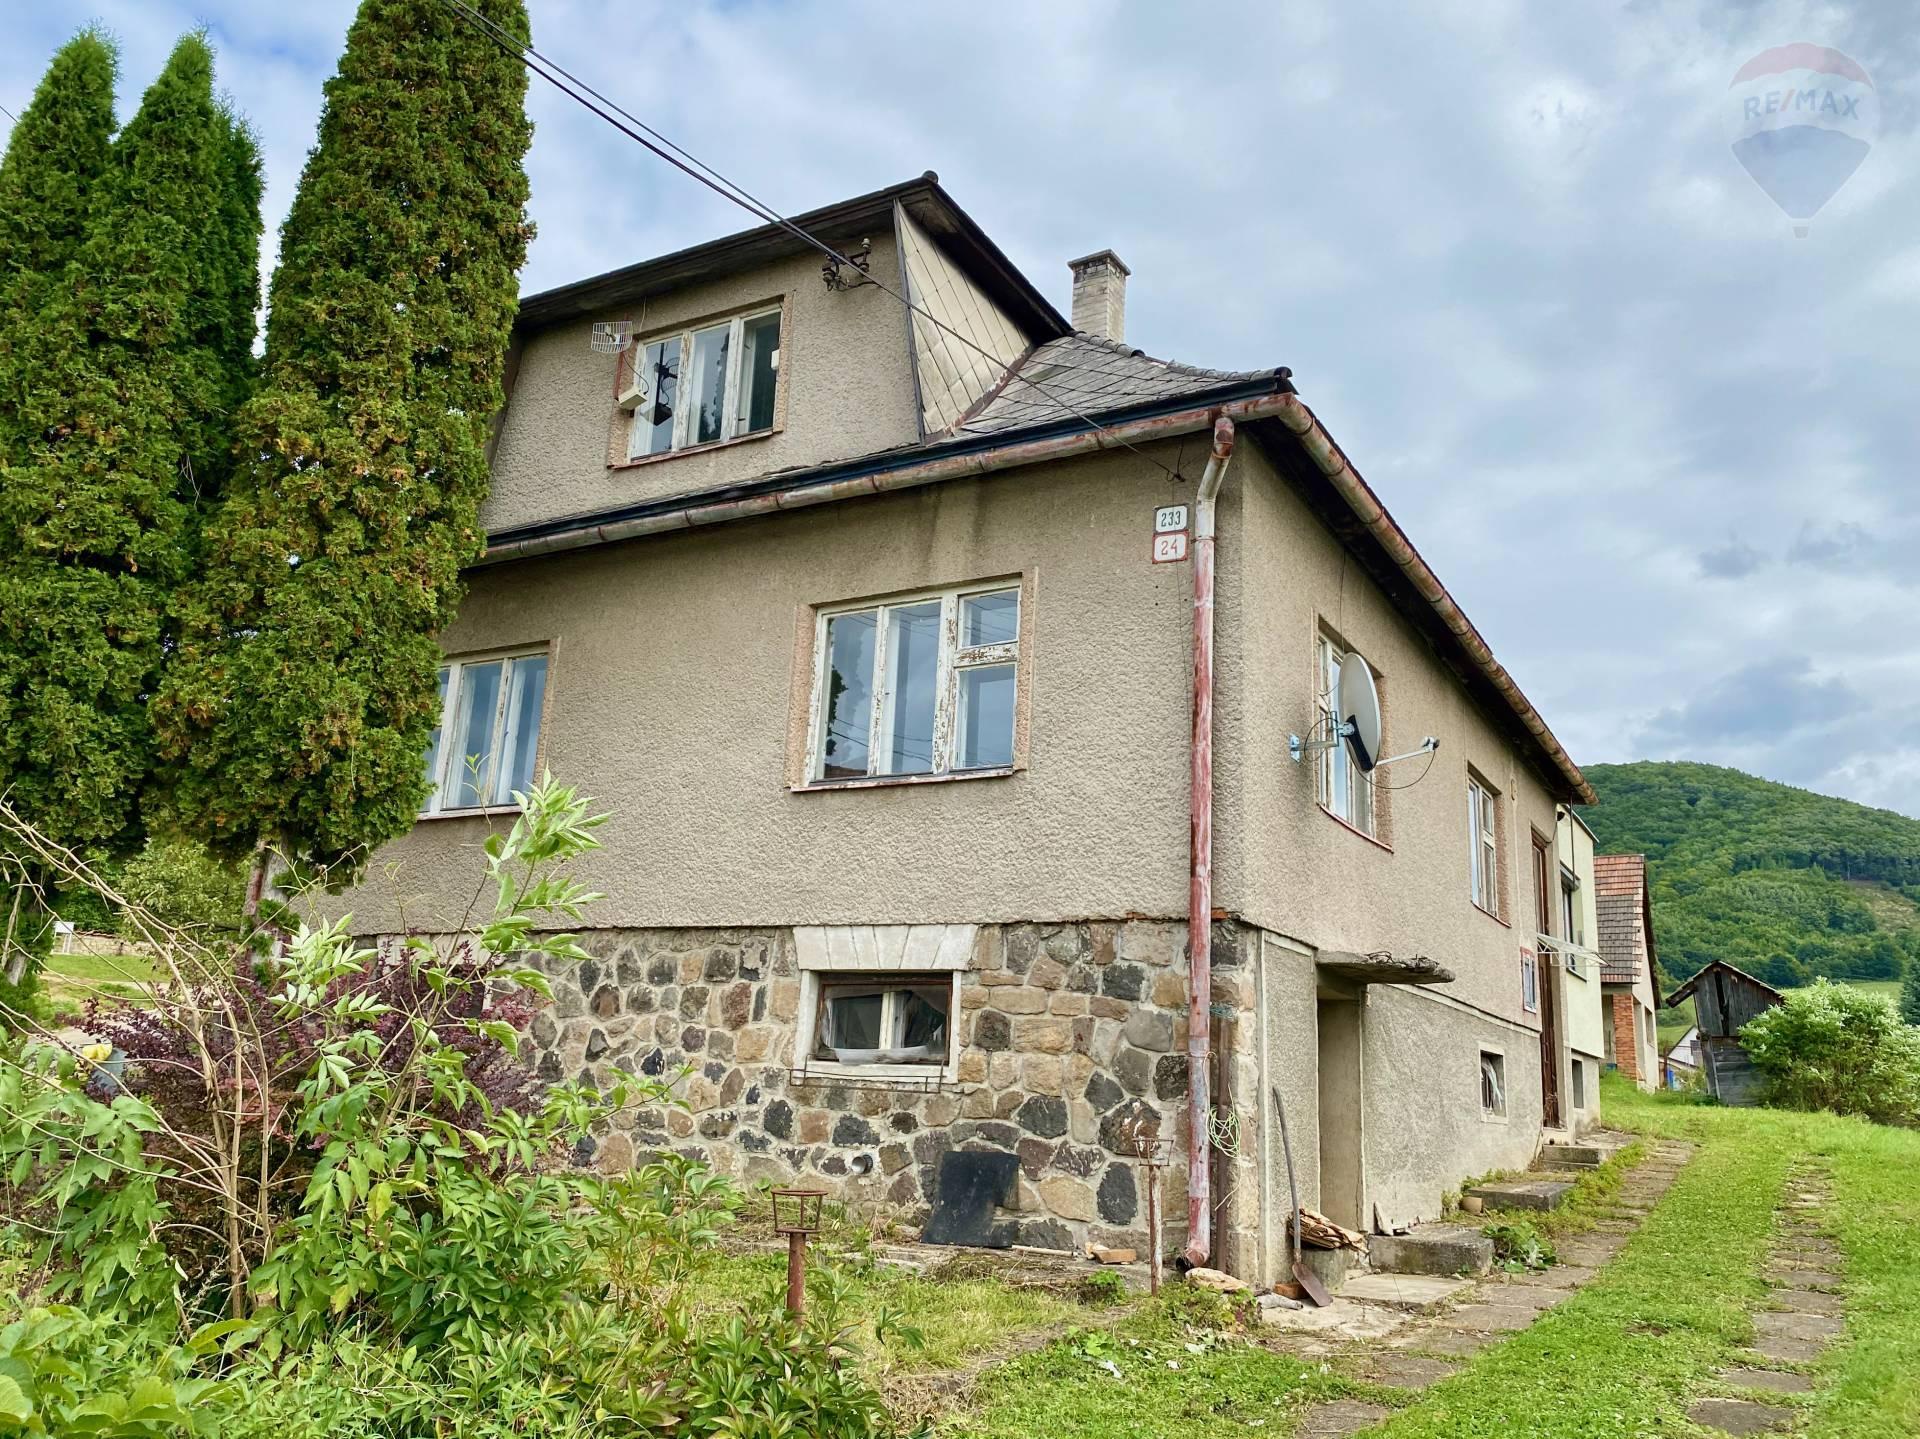 5-izbový rodinný dom v pôvodnom stave - Ráztočno- okr. Prievidza